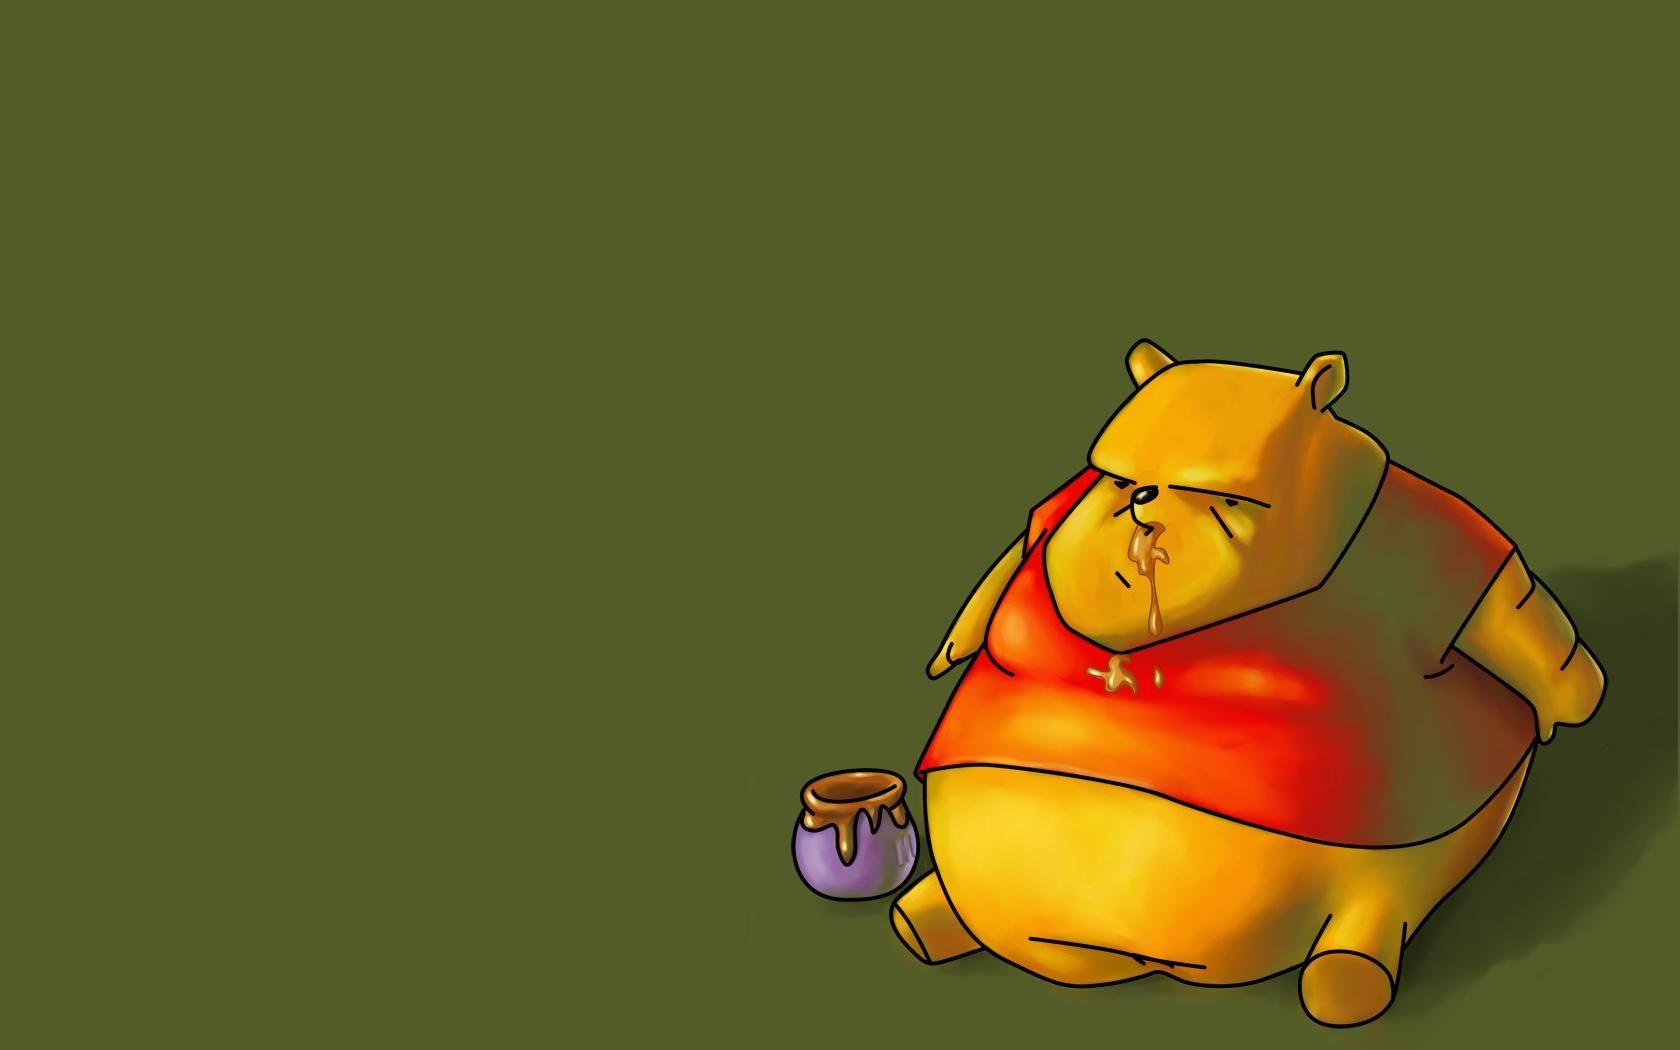 Cartoons fat funny honey parody vinnie the pooh winnie the pooh cartoons fat funny honey parody vinnie the pooh winnie the pooh wallpaper 4375 wallbase voltagebd Images